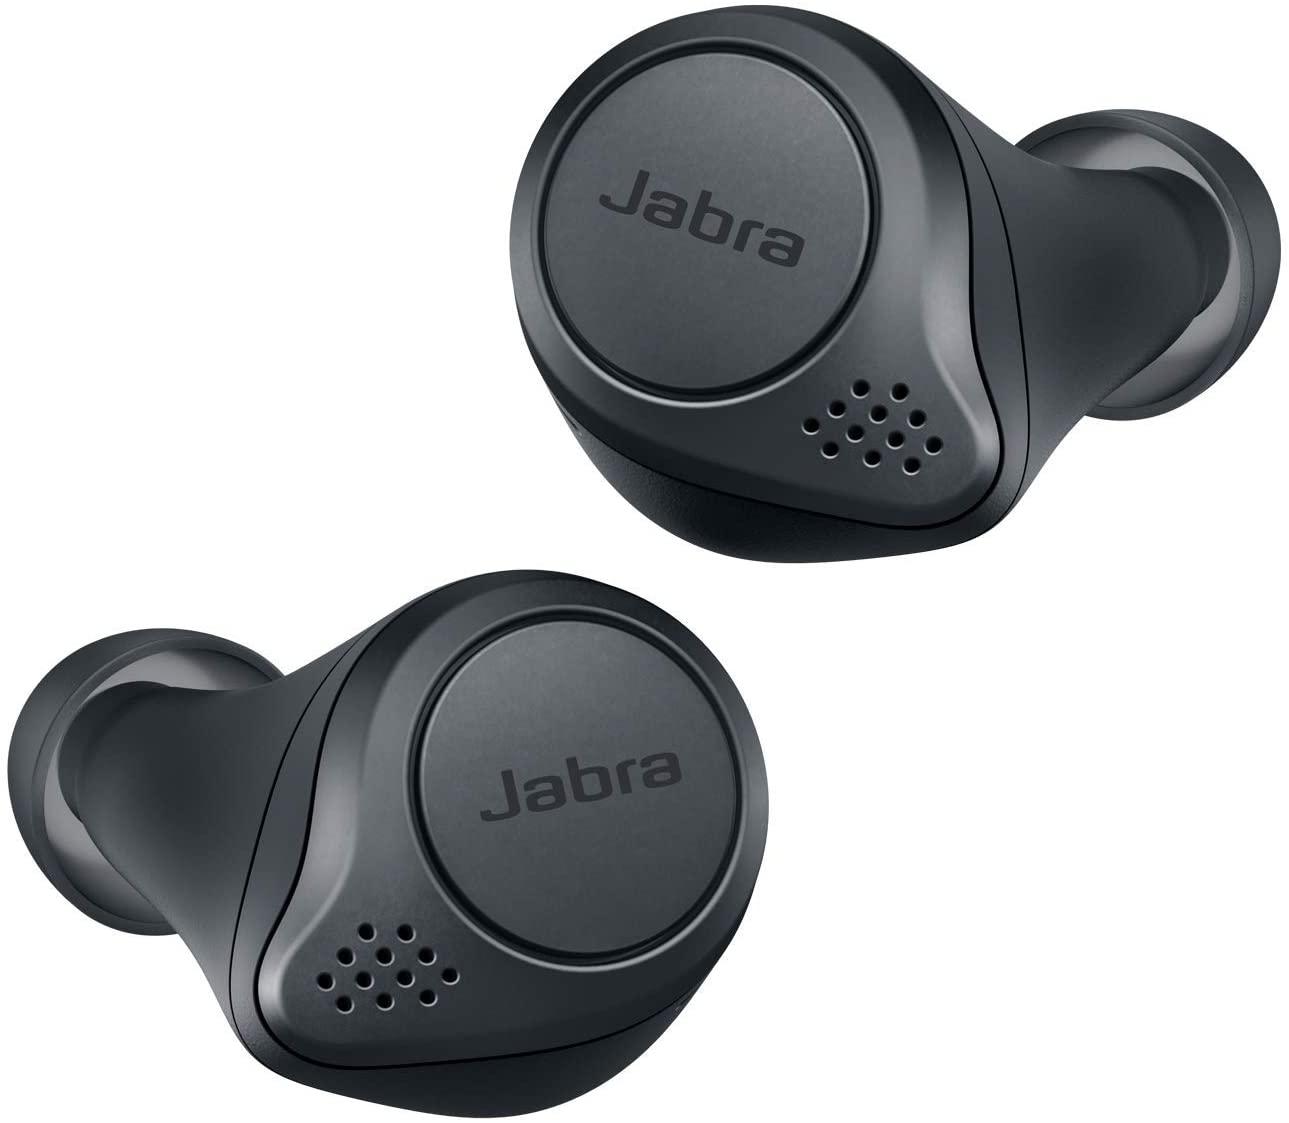 Jabra Elite Active 75t - Auriculares deportivos inalámbricos con Cancelación Activa de Ruido y batería de larga duración para llamadas y música – Gris